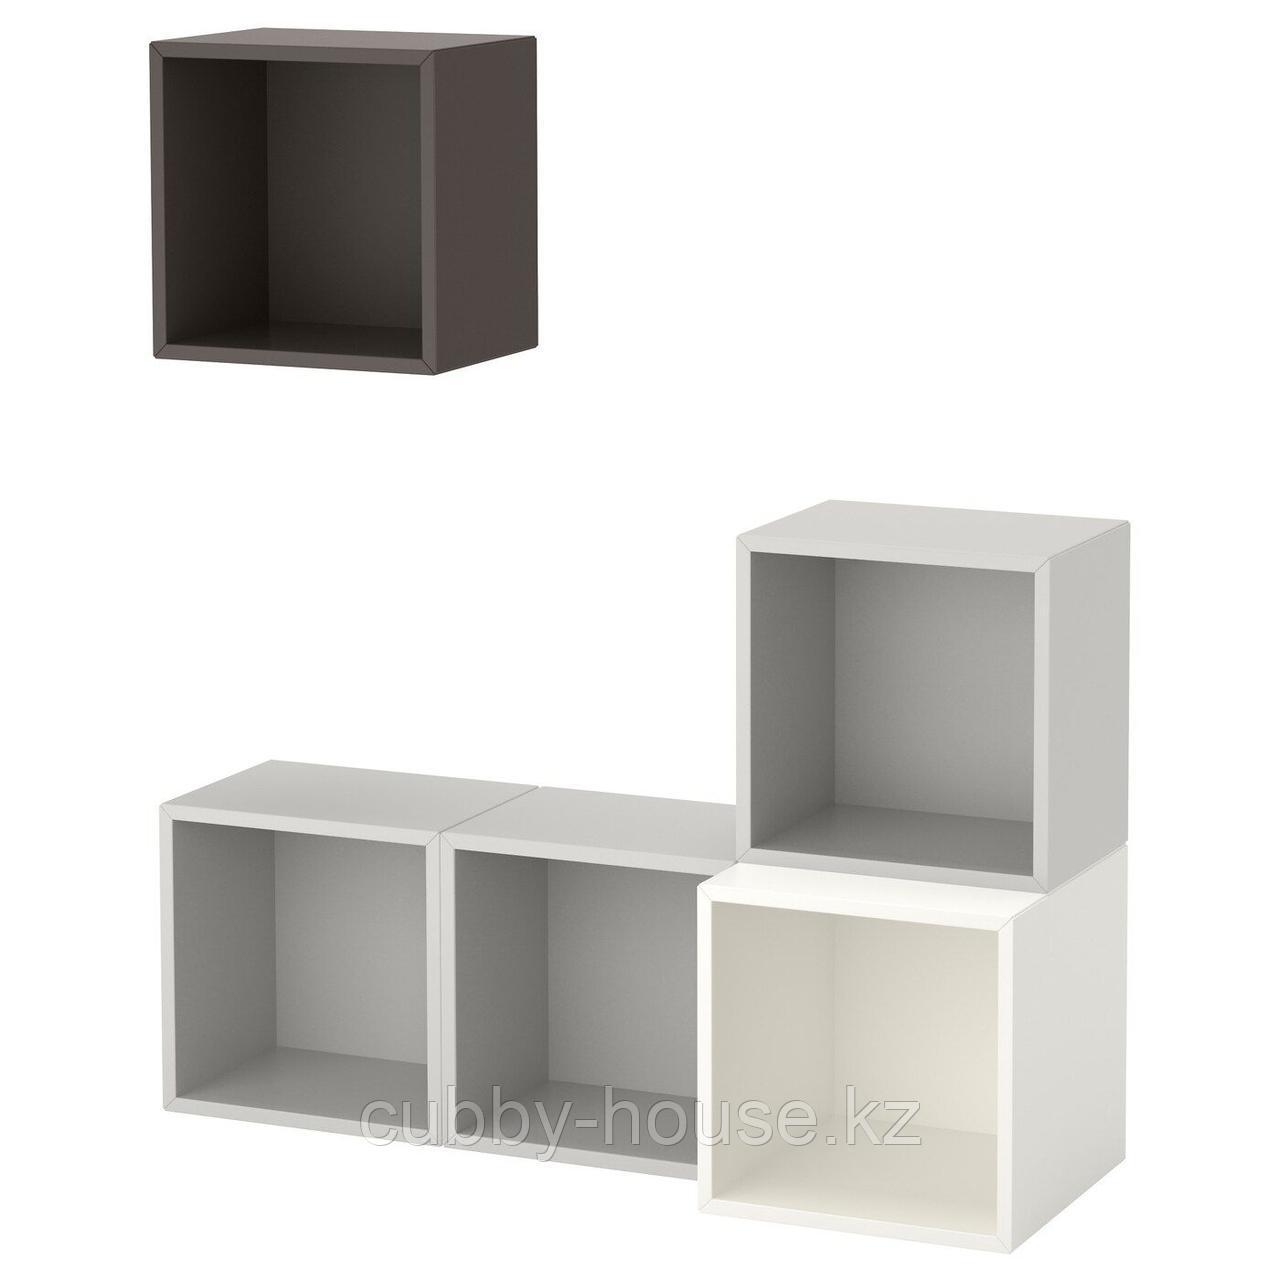 ЭКЕТ Комбинация настенных шкафов, белый, 105x35x120 см